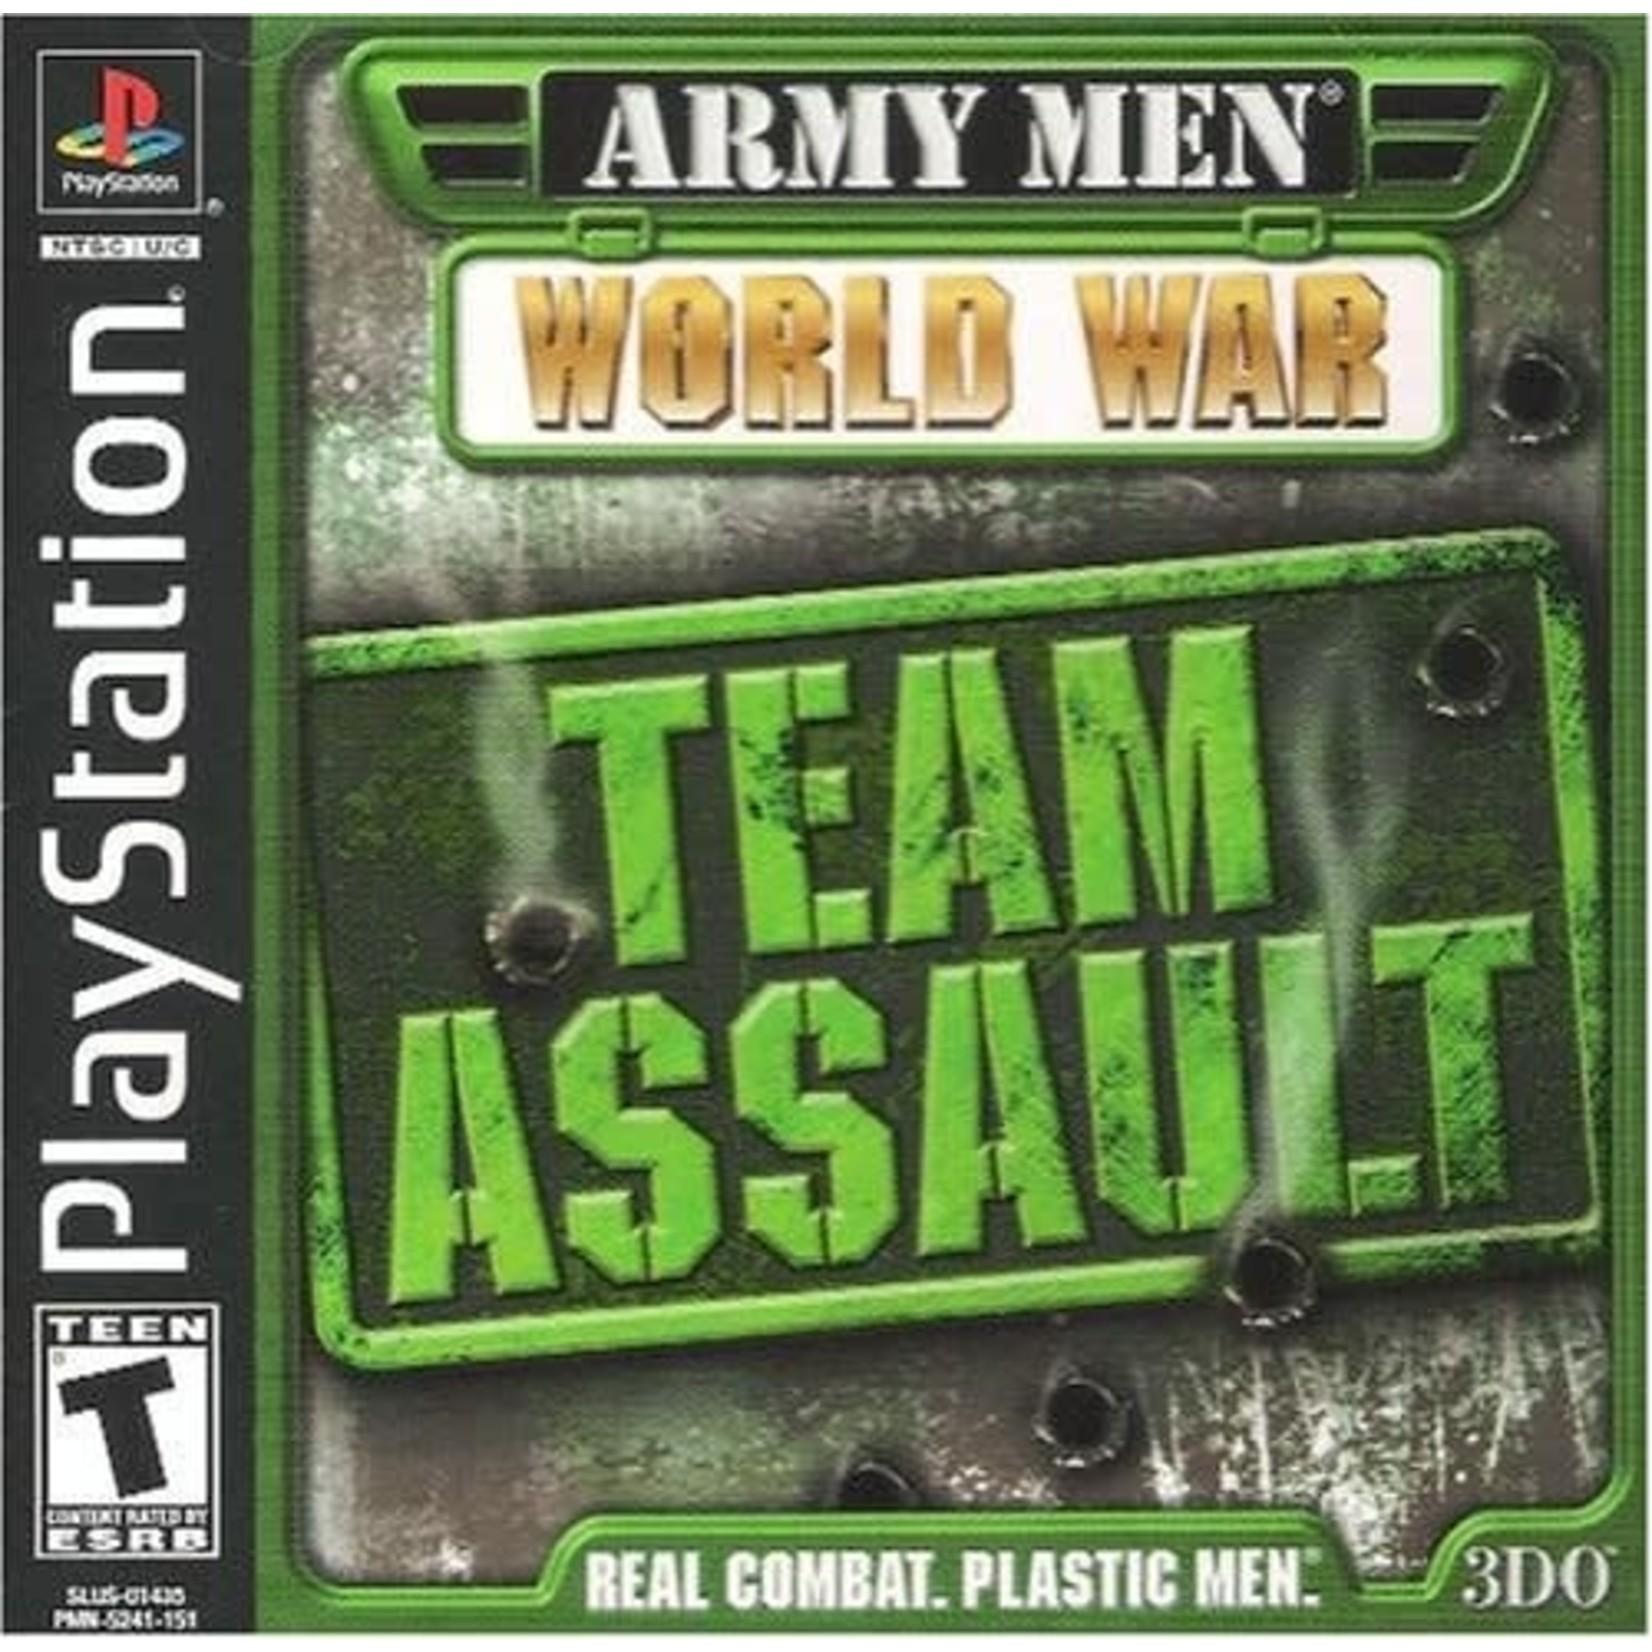 PS1U-ARMY MEN WORLD WAR TEAM ASSAULT